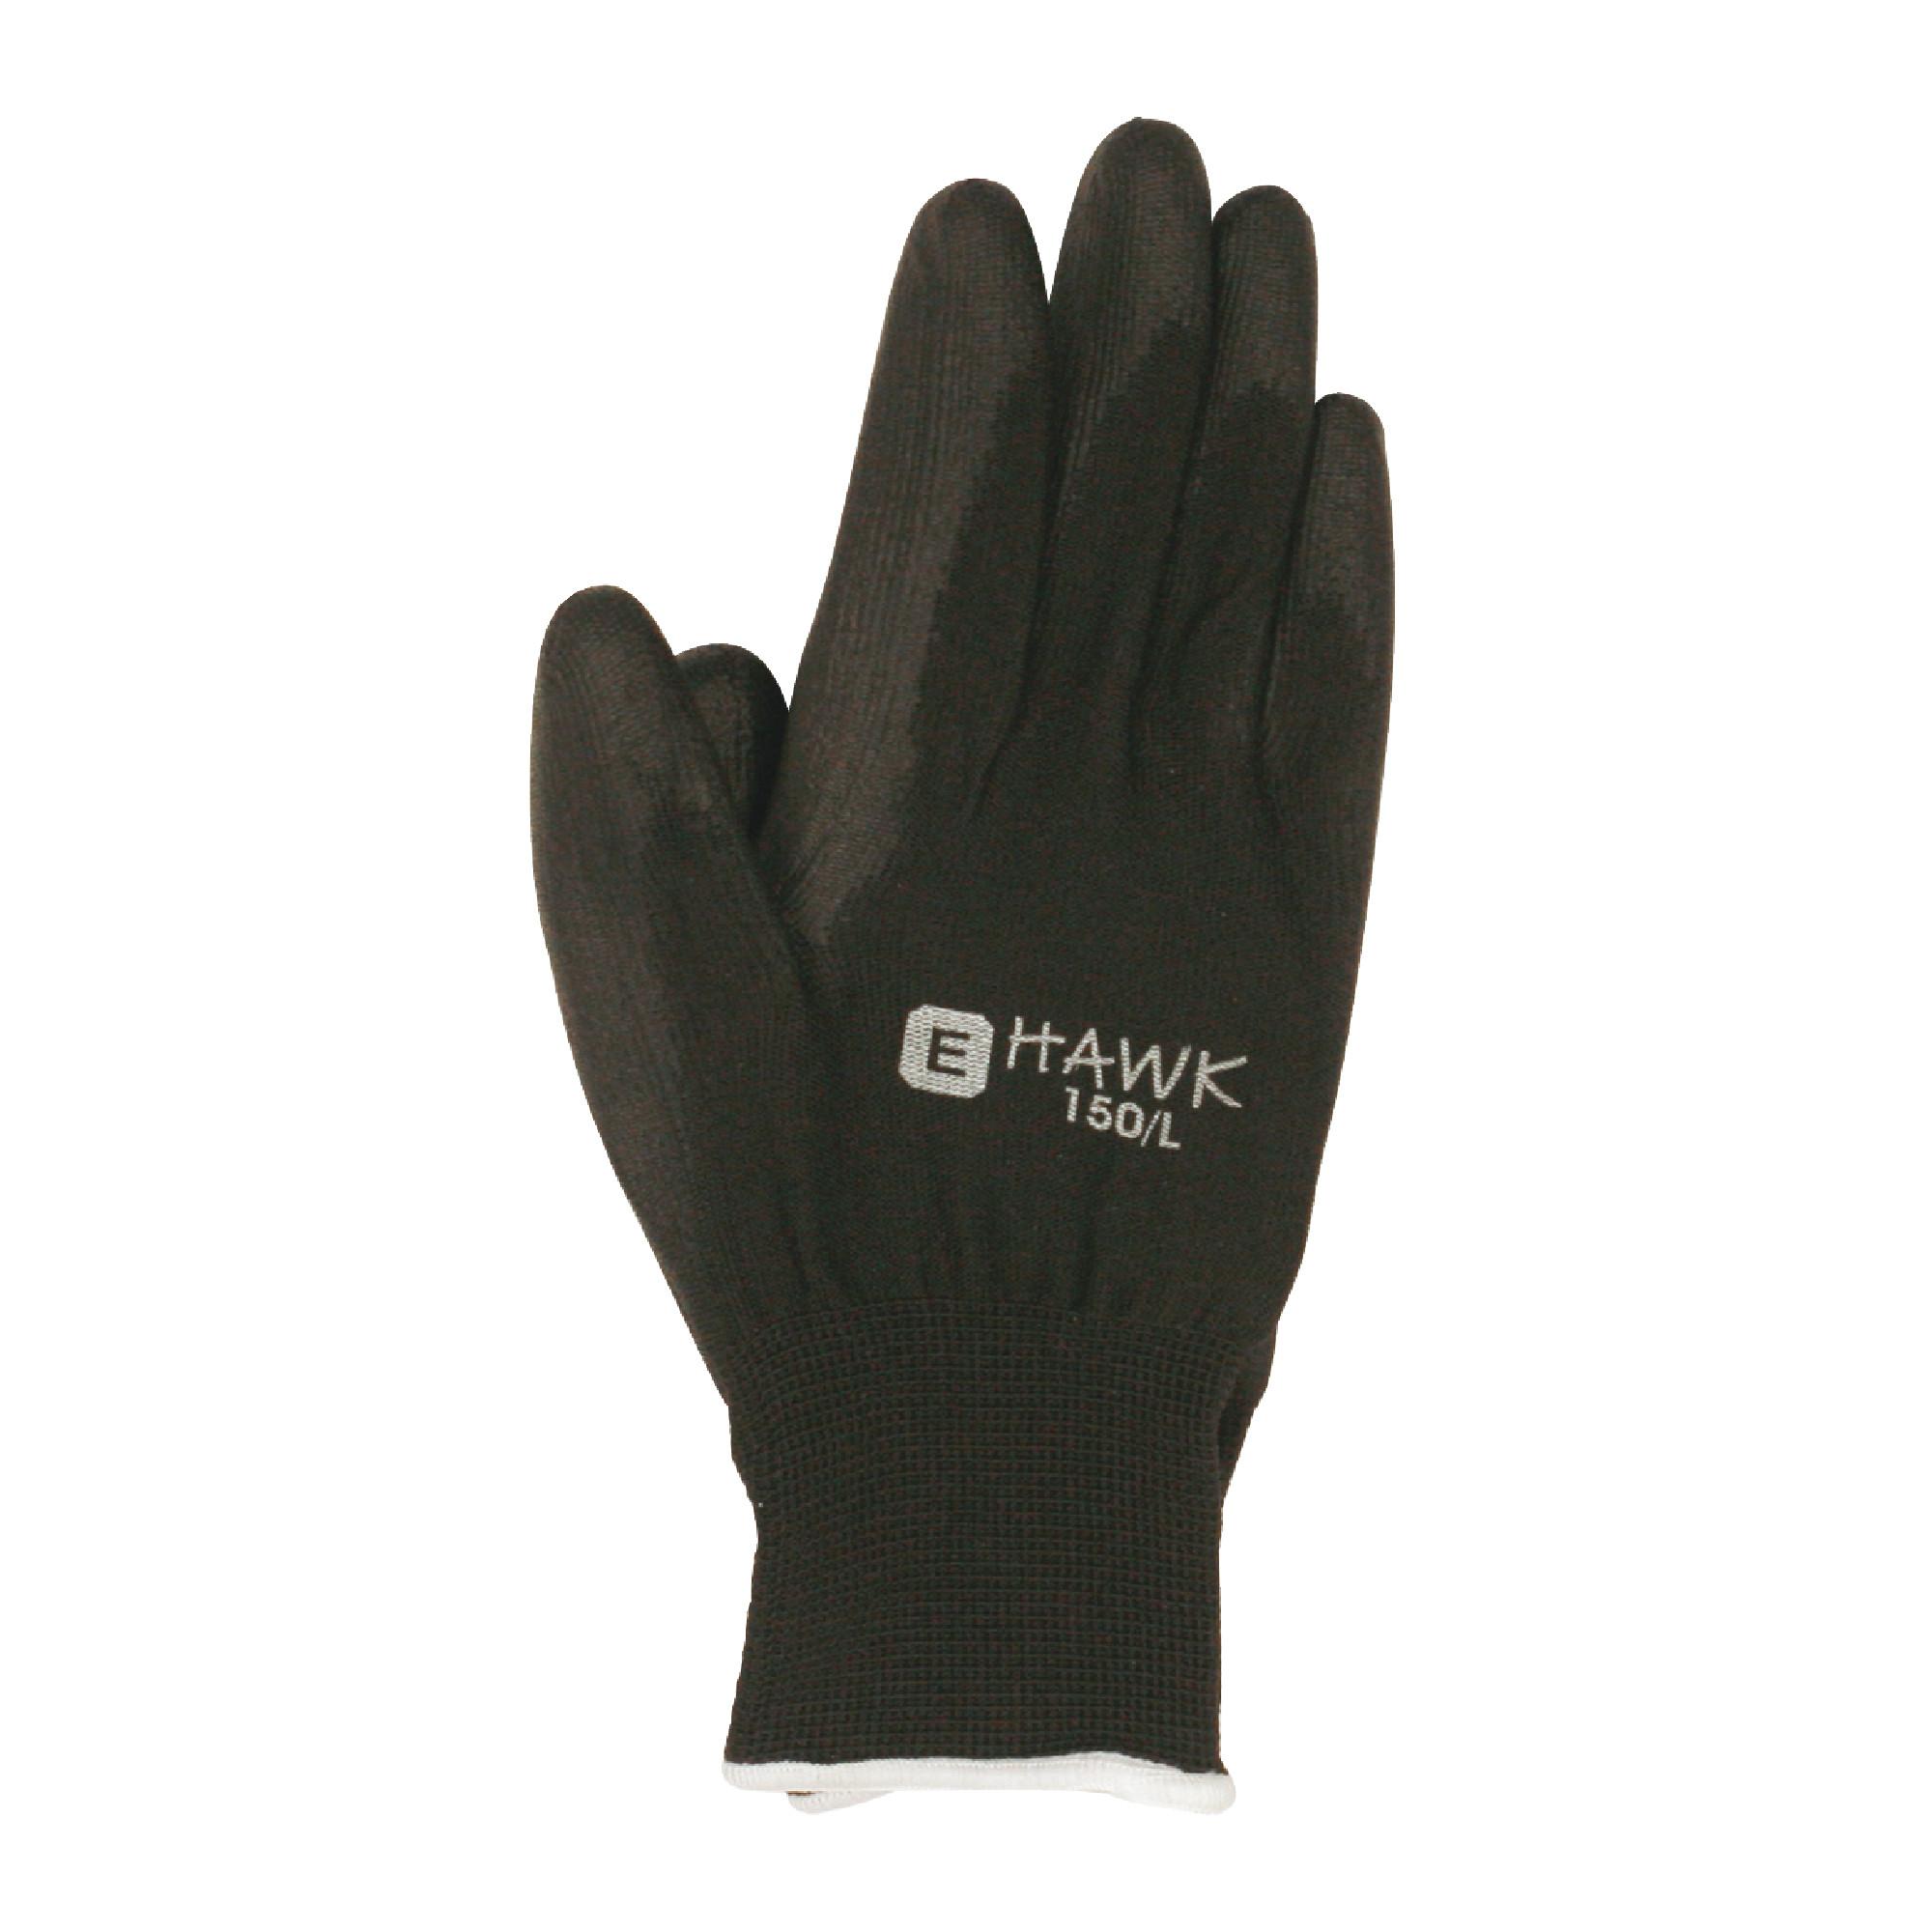 13 Gauge Black Line Shell Glove In Large